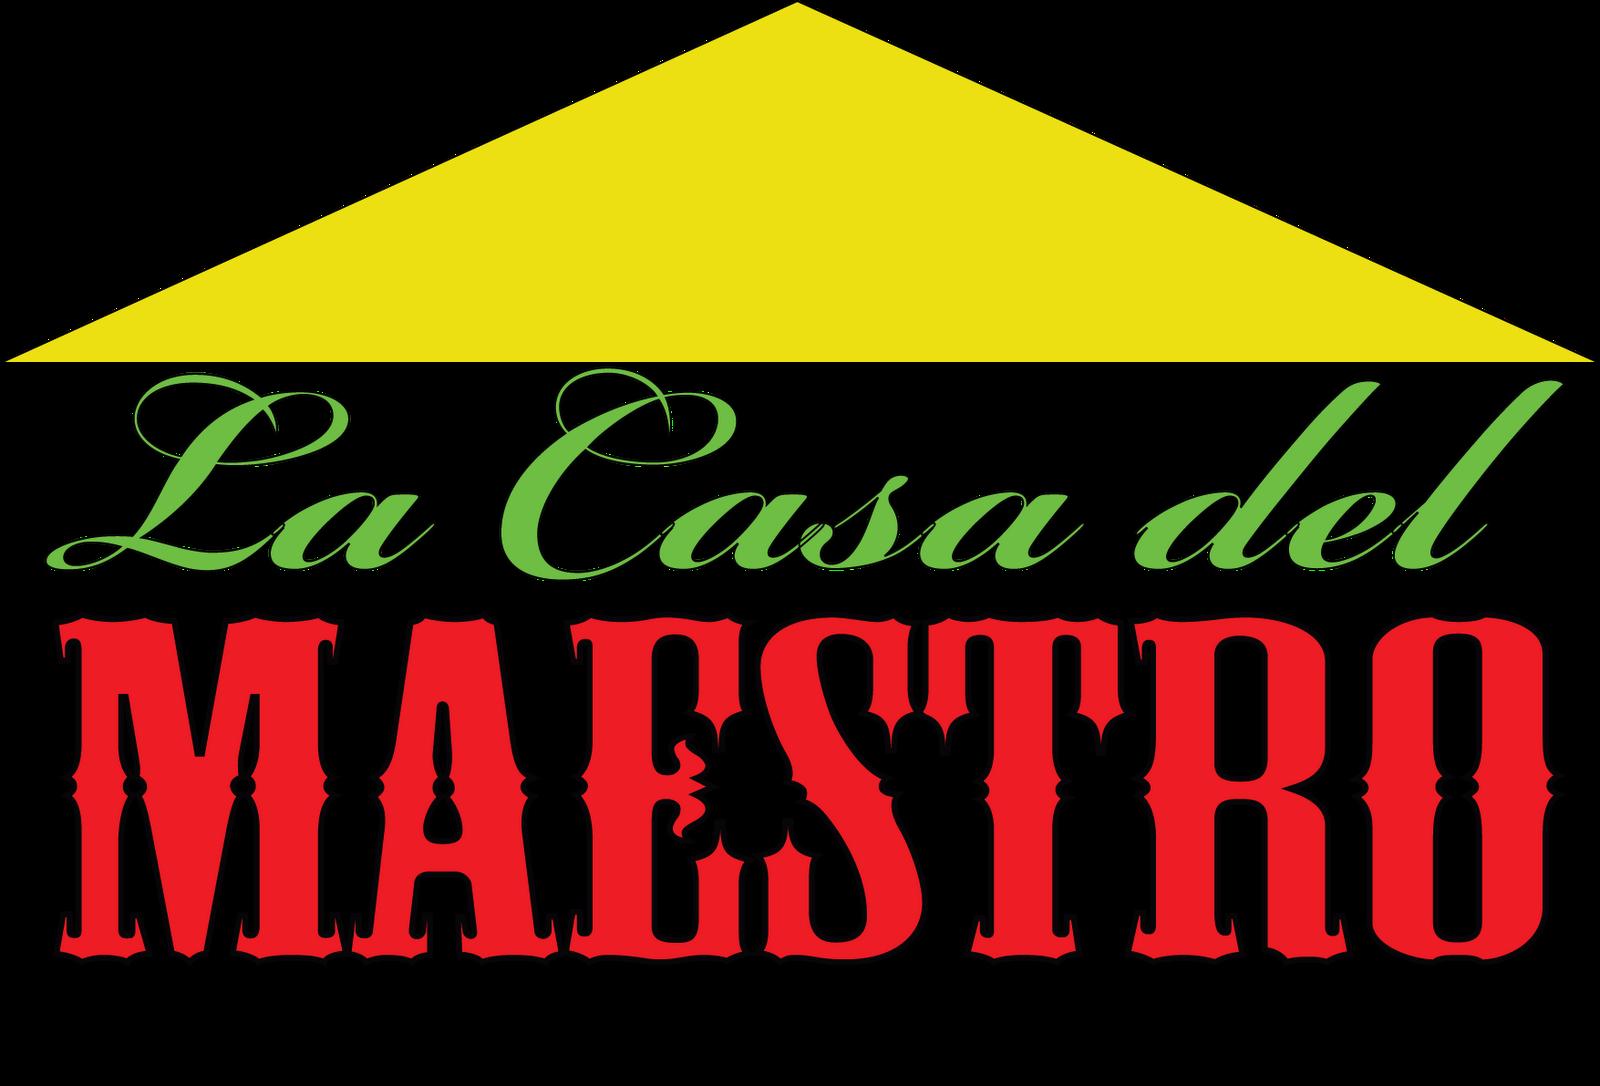 La casa del maestro cisl ferrara confederazione italiana sindacati dei lavoratori - La casa del maestro ...